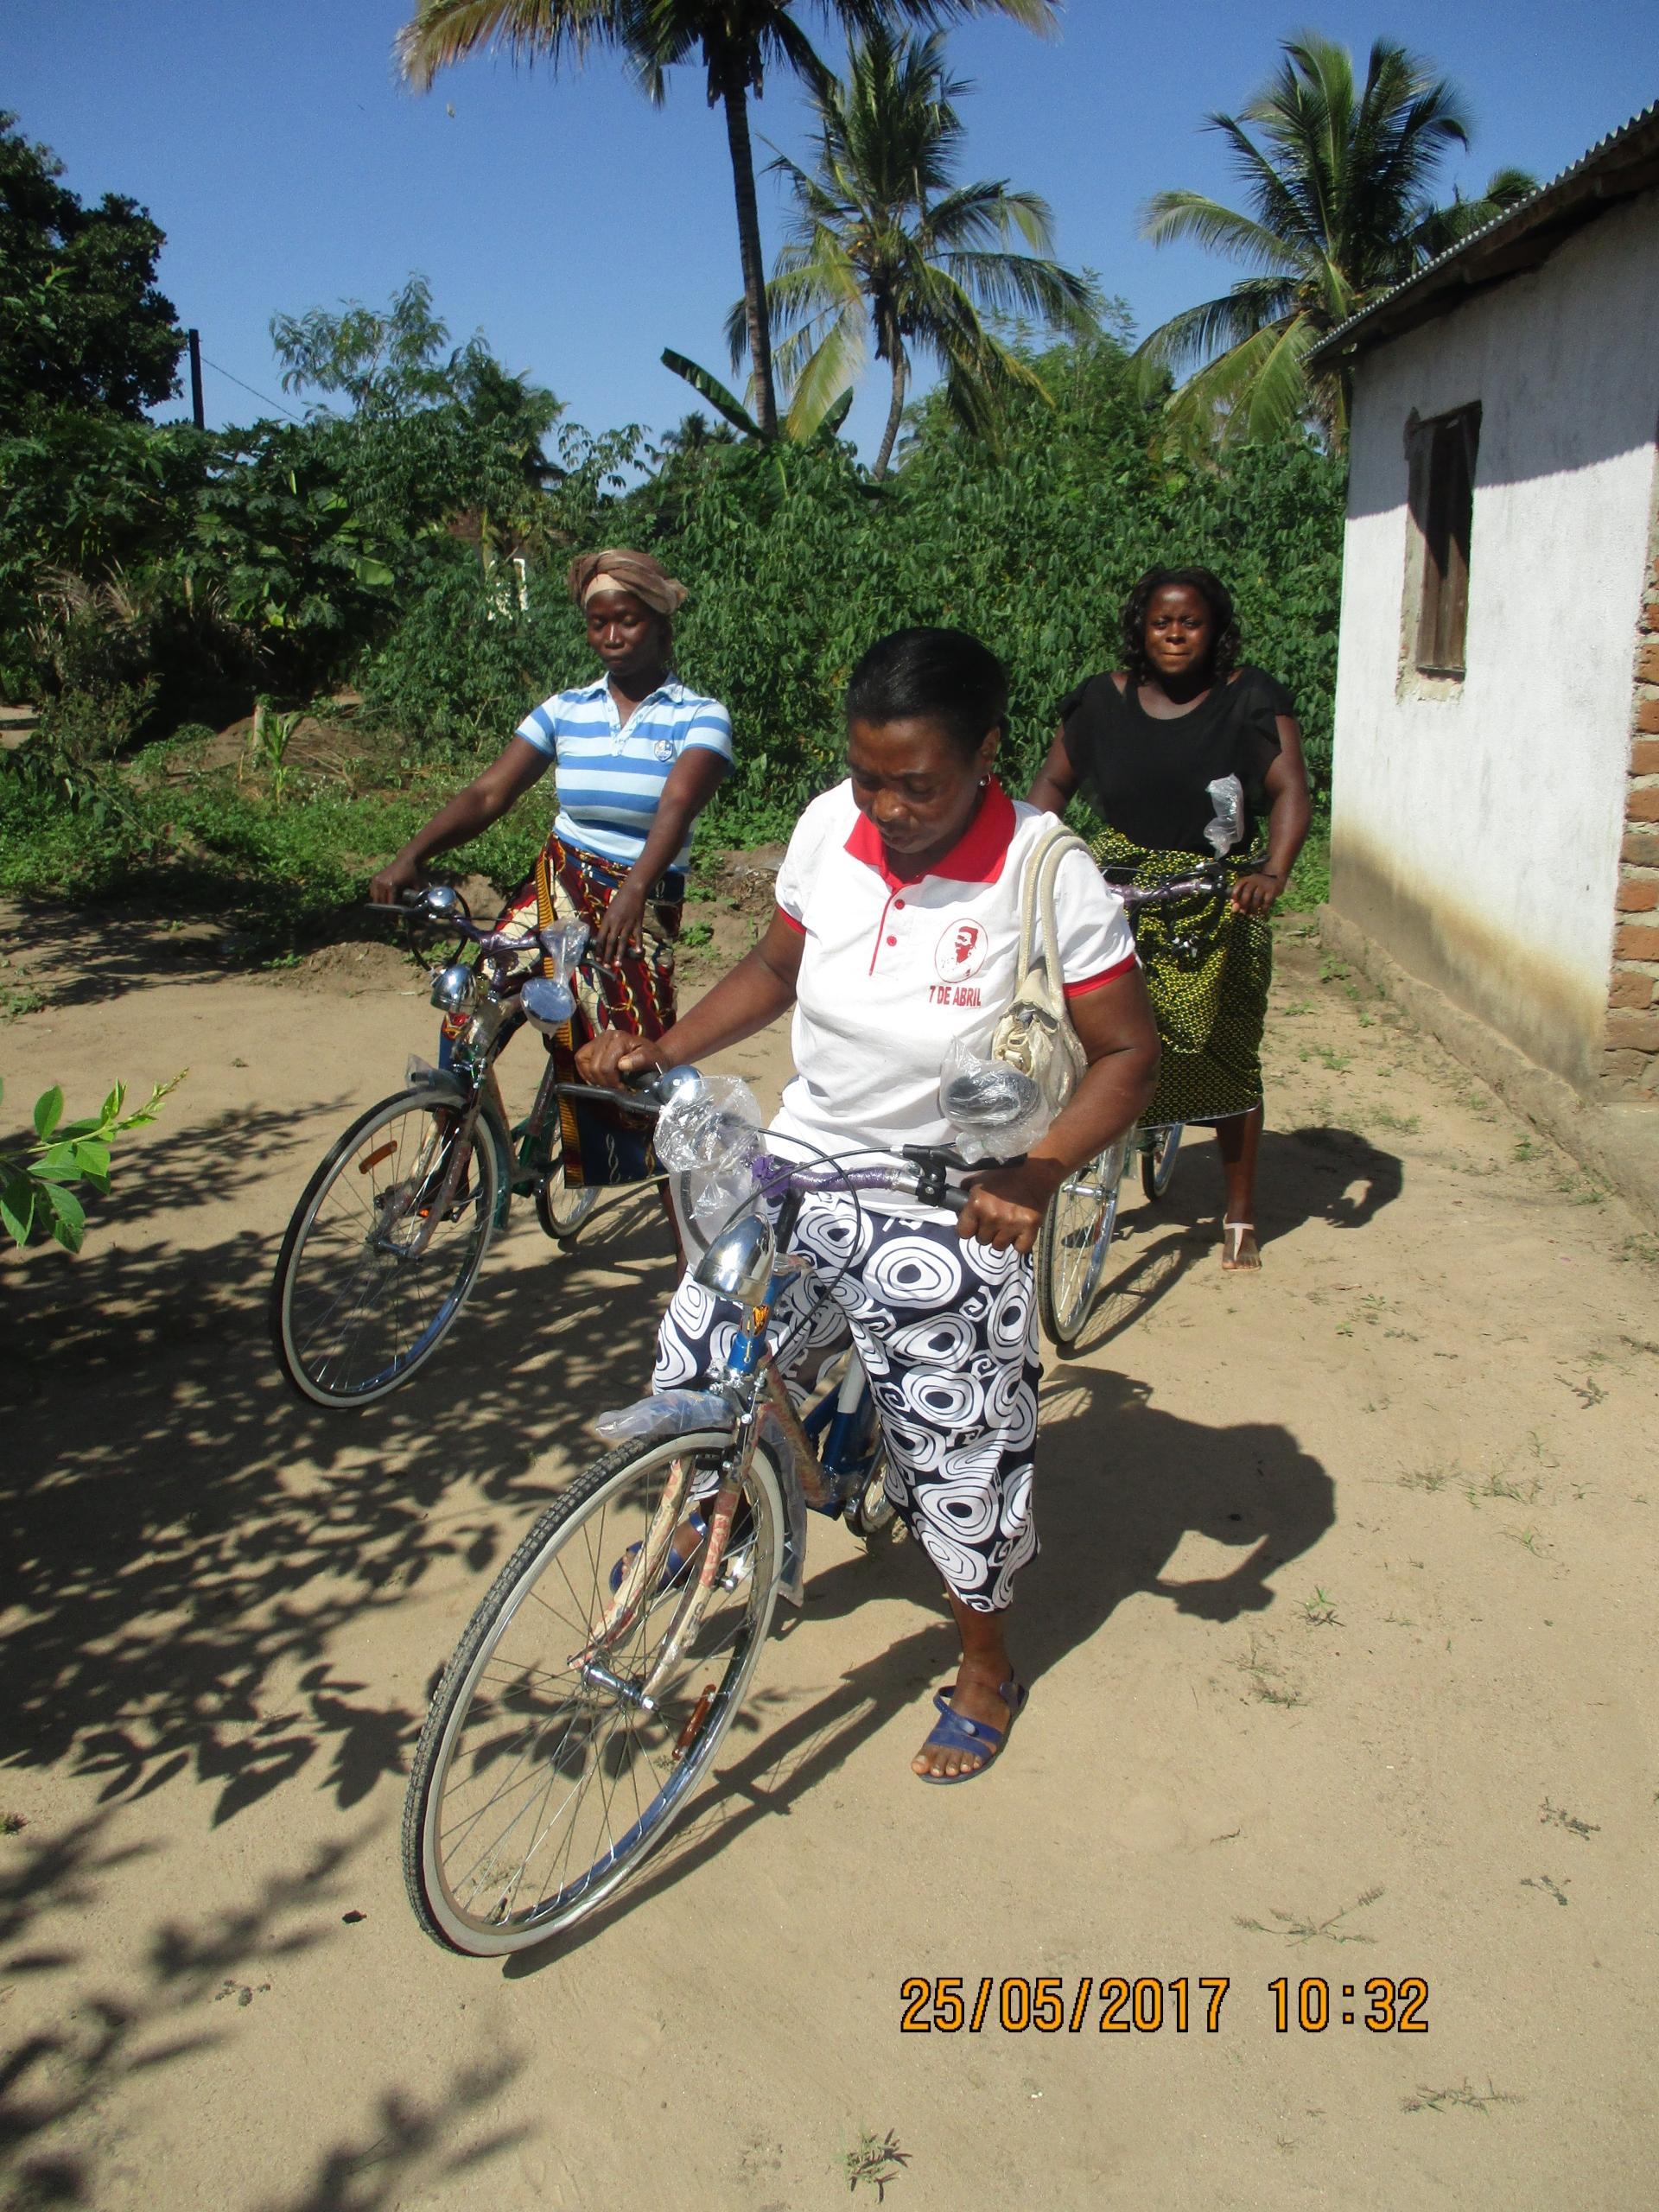 alfabetizzazione_biciclette_mozambico_mani tese_2017